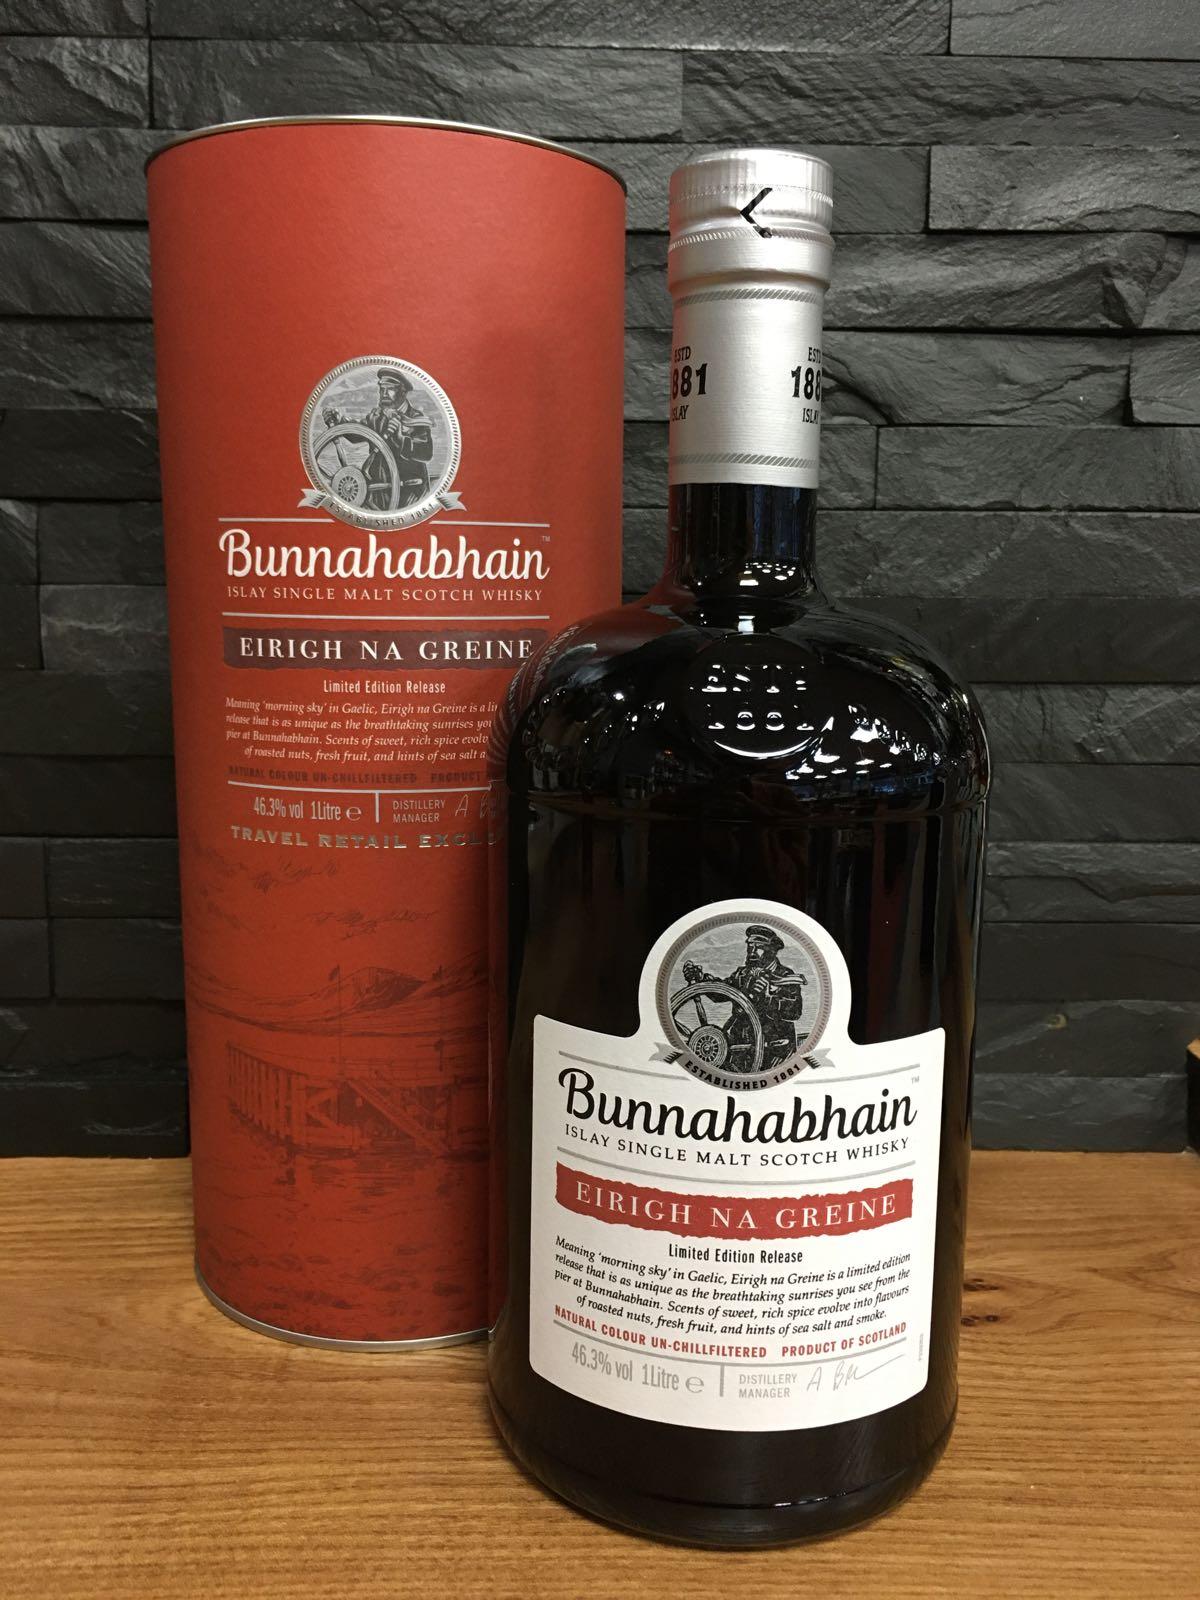 Bunnahabhain Eirigh na Greine 1 litre